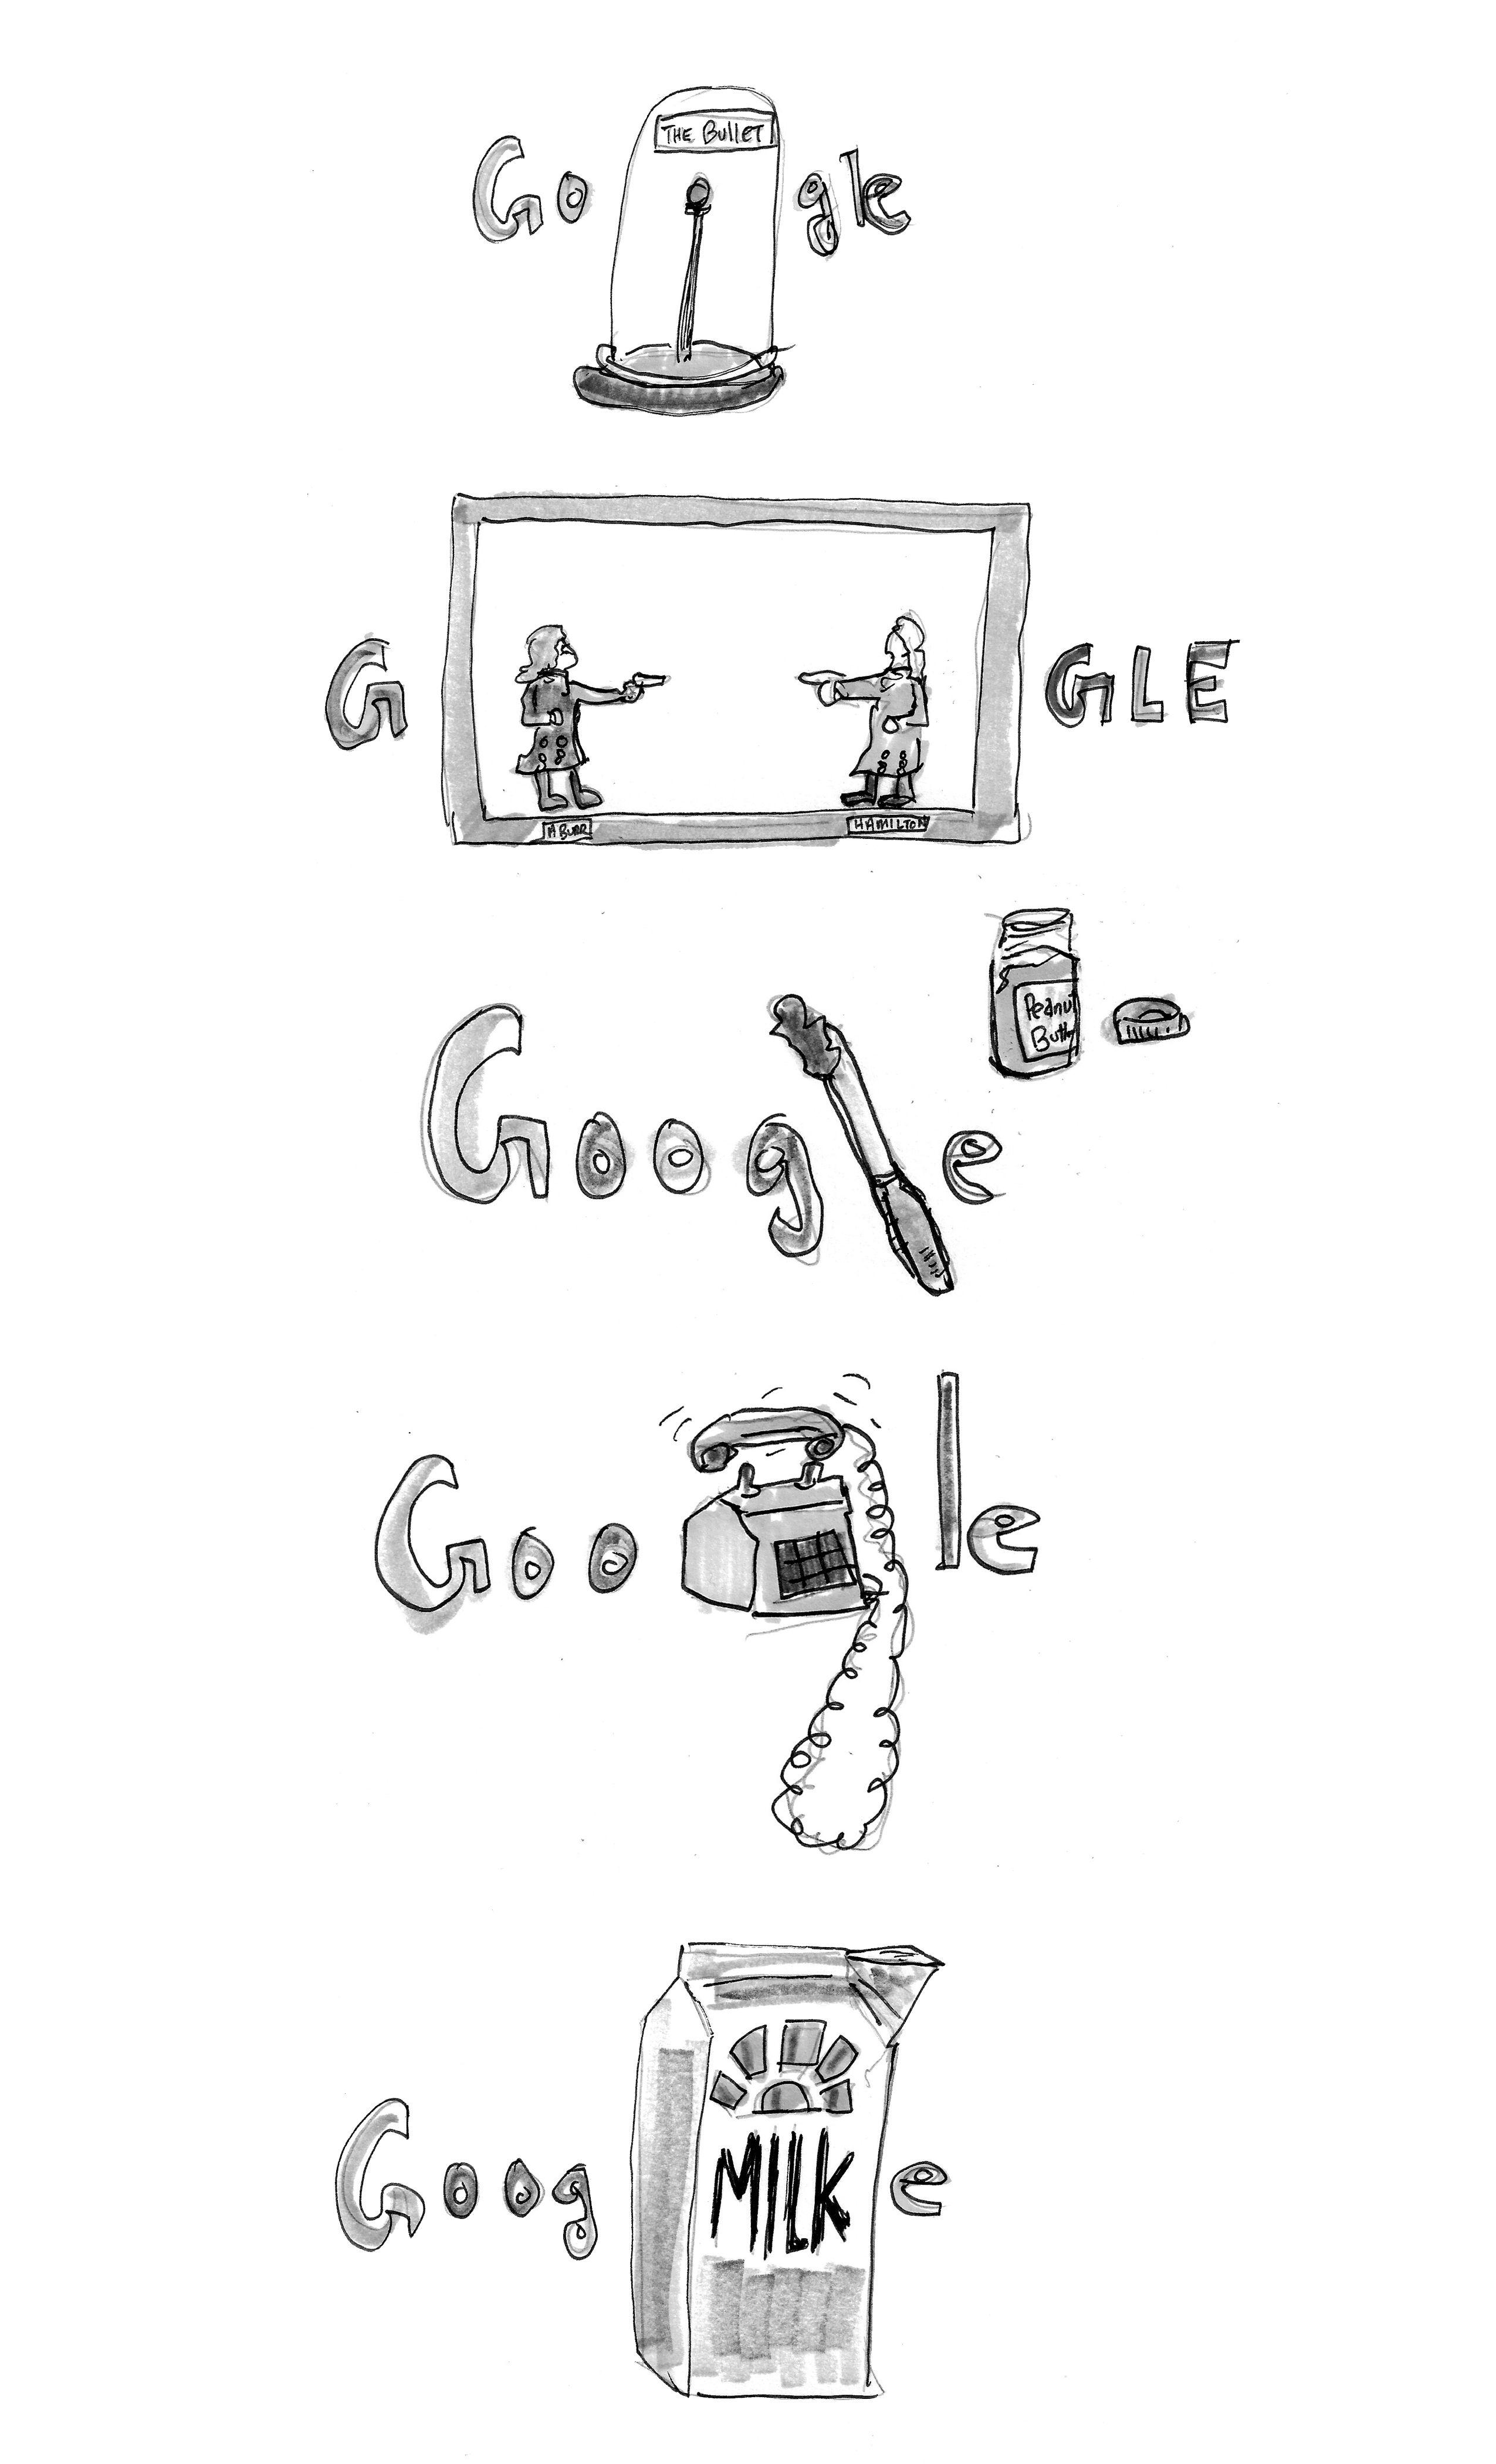 GOOGLE DOODLE PROJECT Google doodles, Doodles, Math